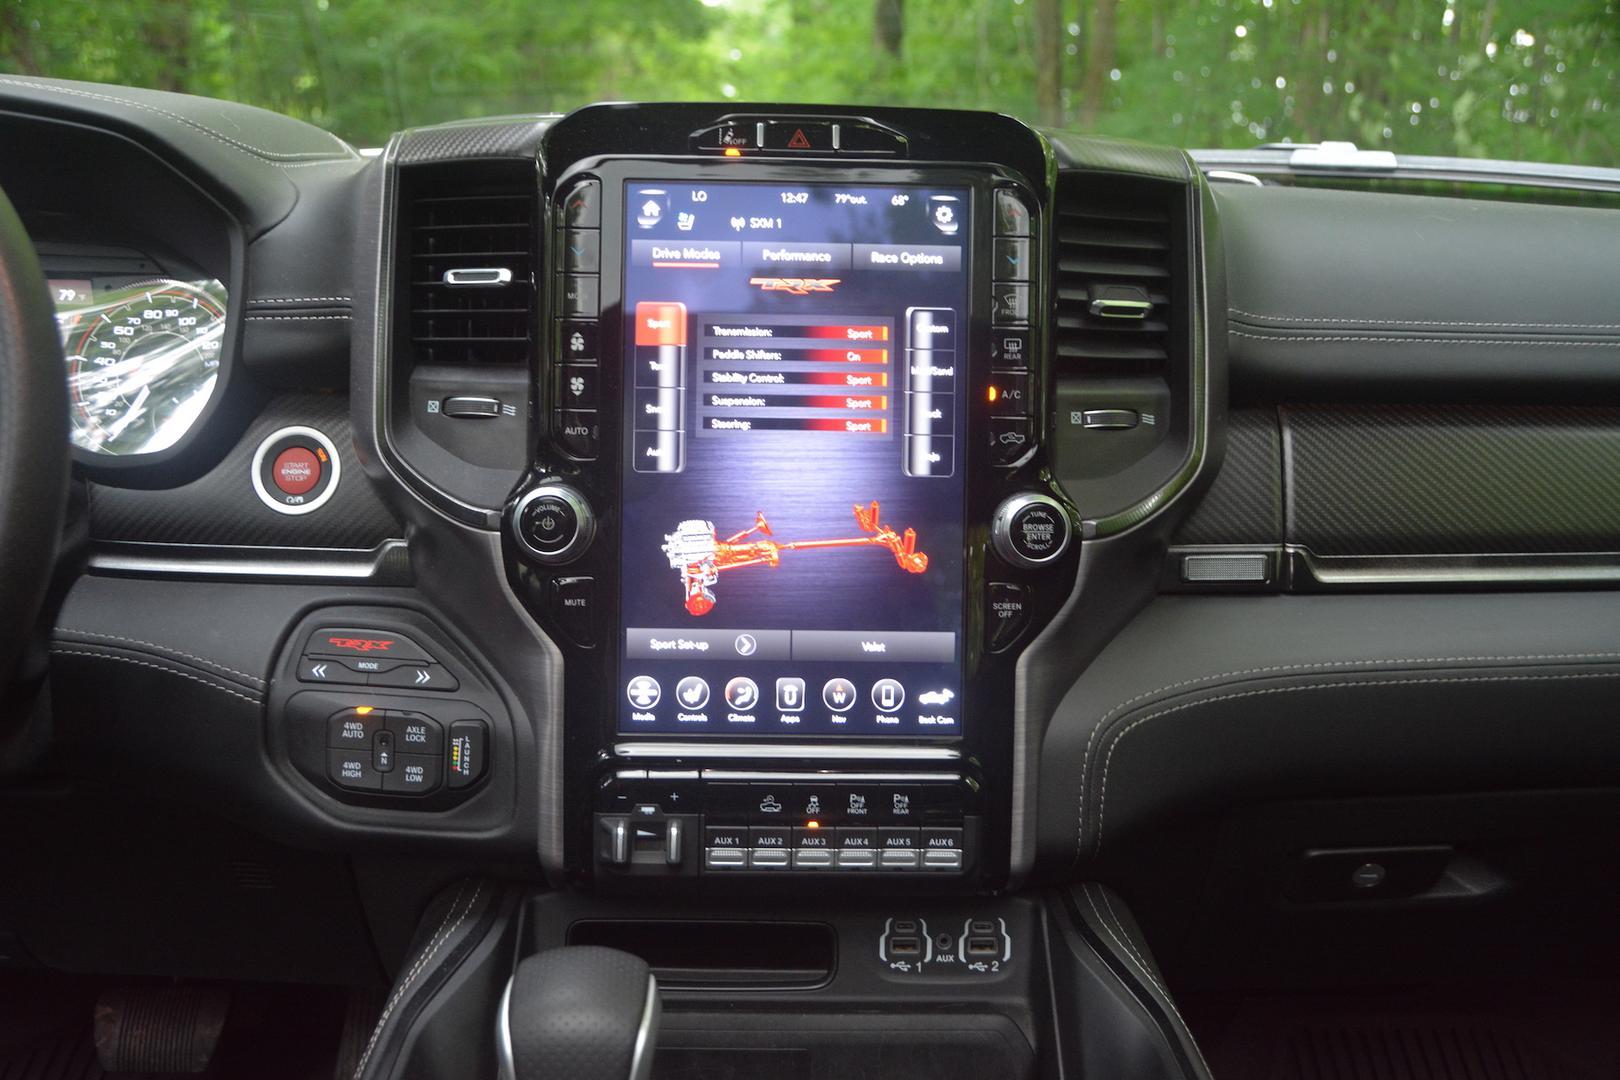 2021 Ram 1500 TRX screen